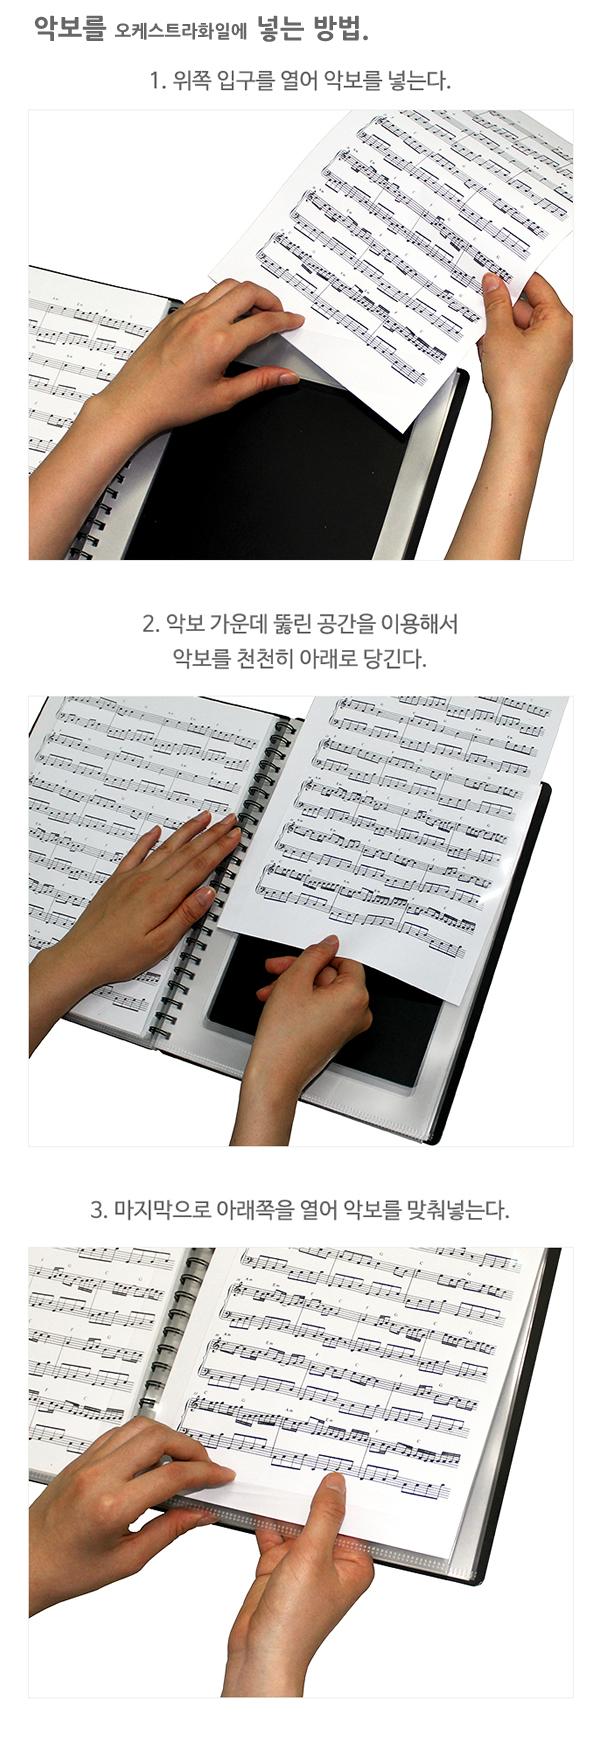 오케스트라화일 악보 넣는 방법